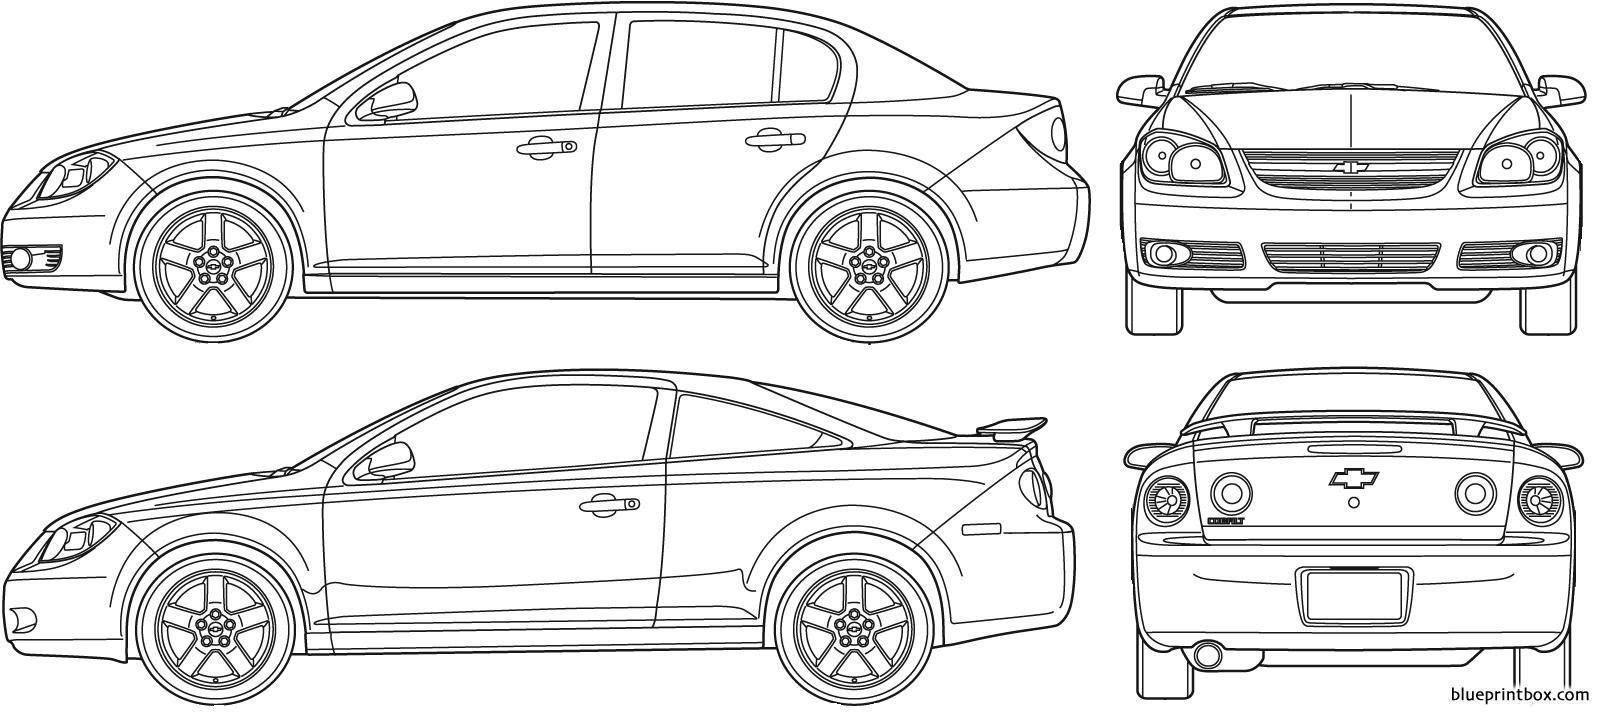 Chevrolet Cobalt 2007 - Blueprintbox Com